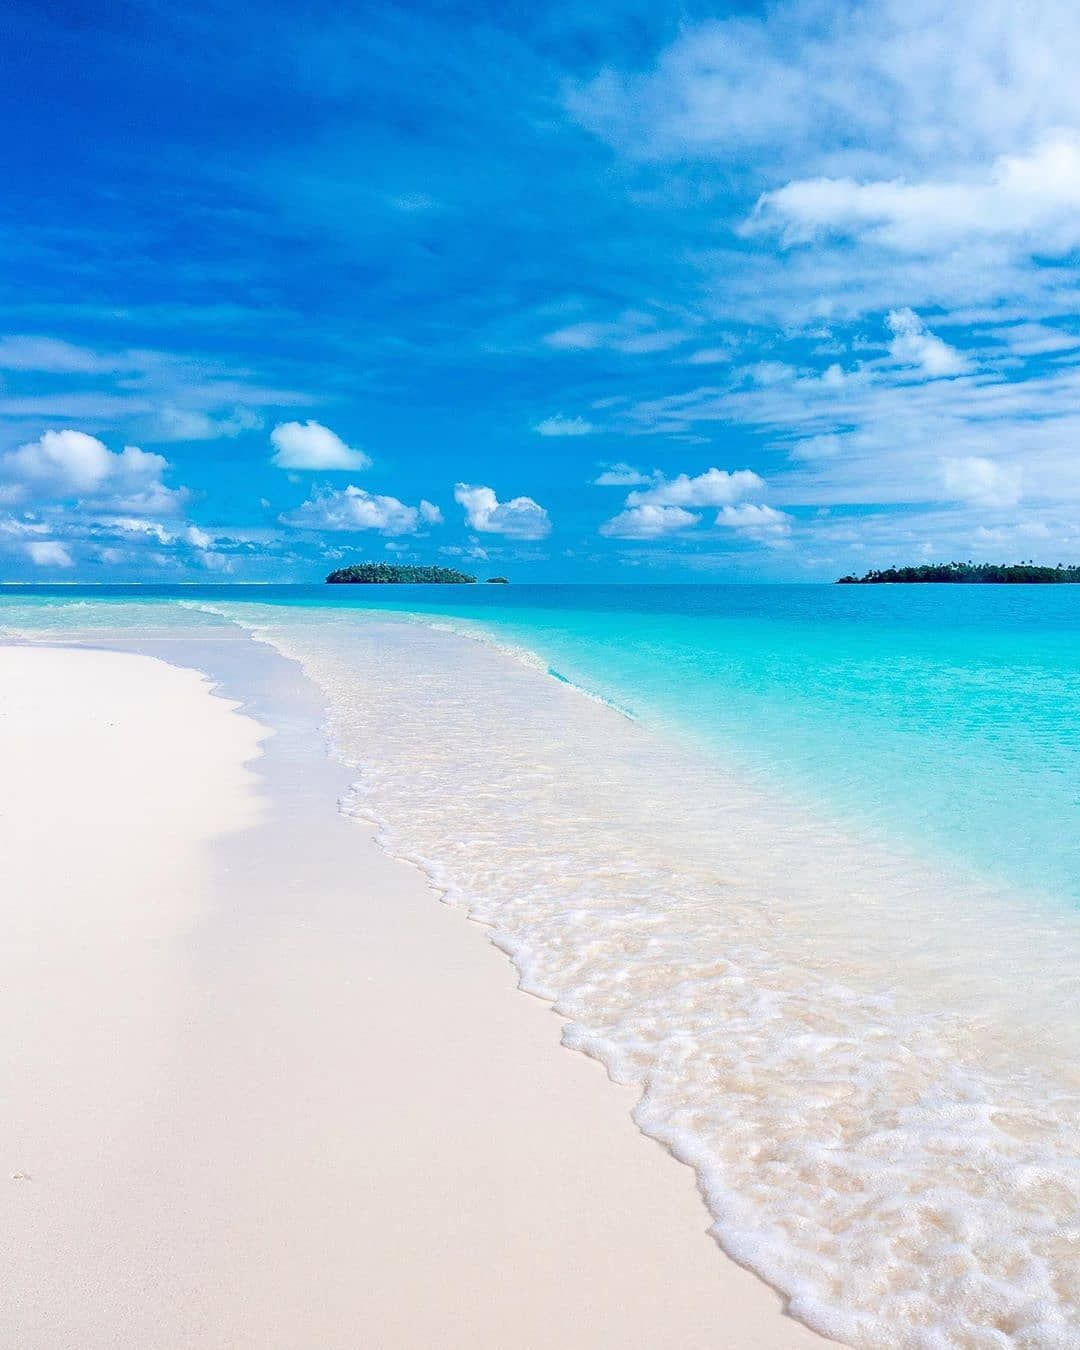 Cook Islands Beaches: One Foot Island, Aitutaki, Cook Islands ☀️🏝️ 📸 @_markfitz